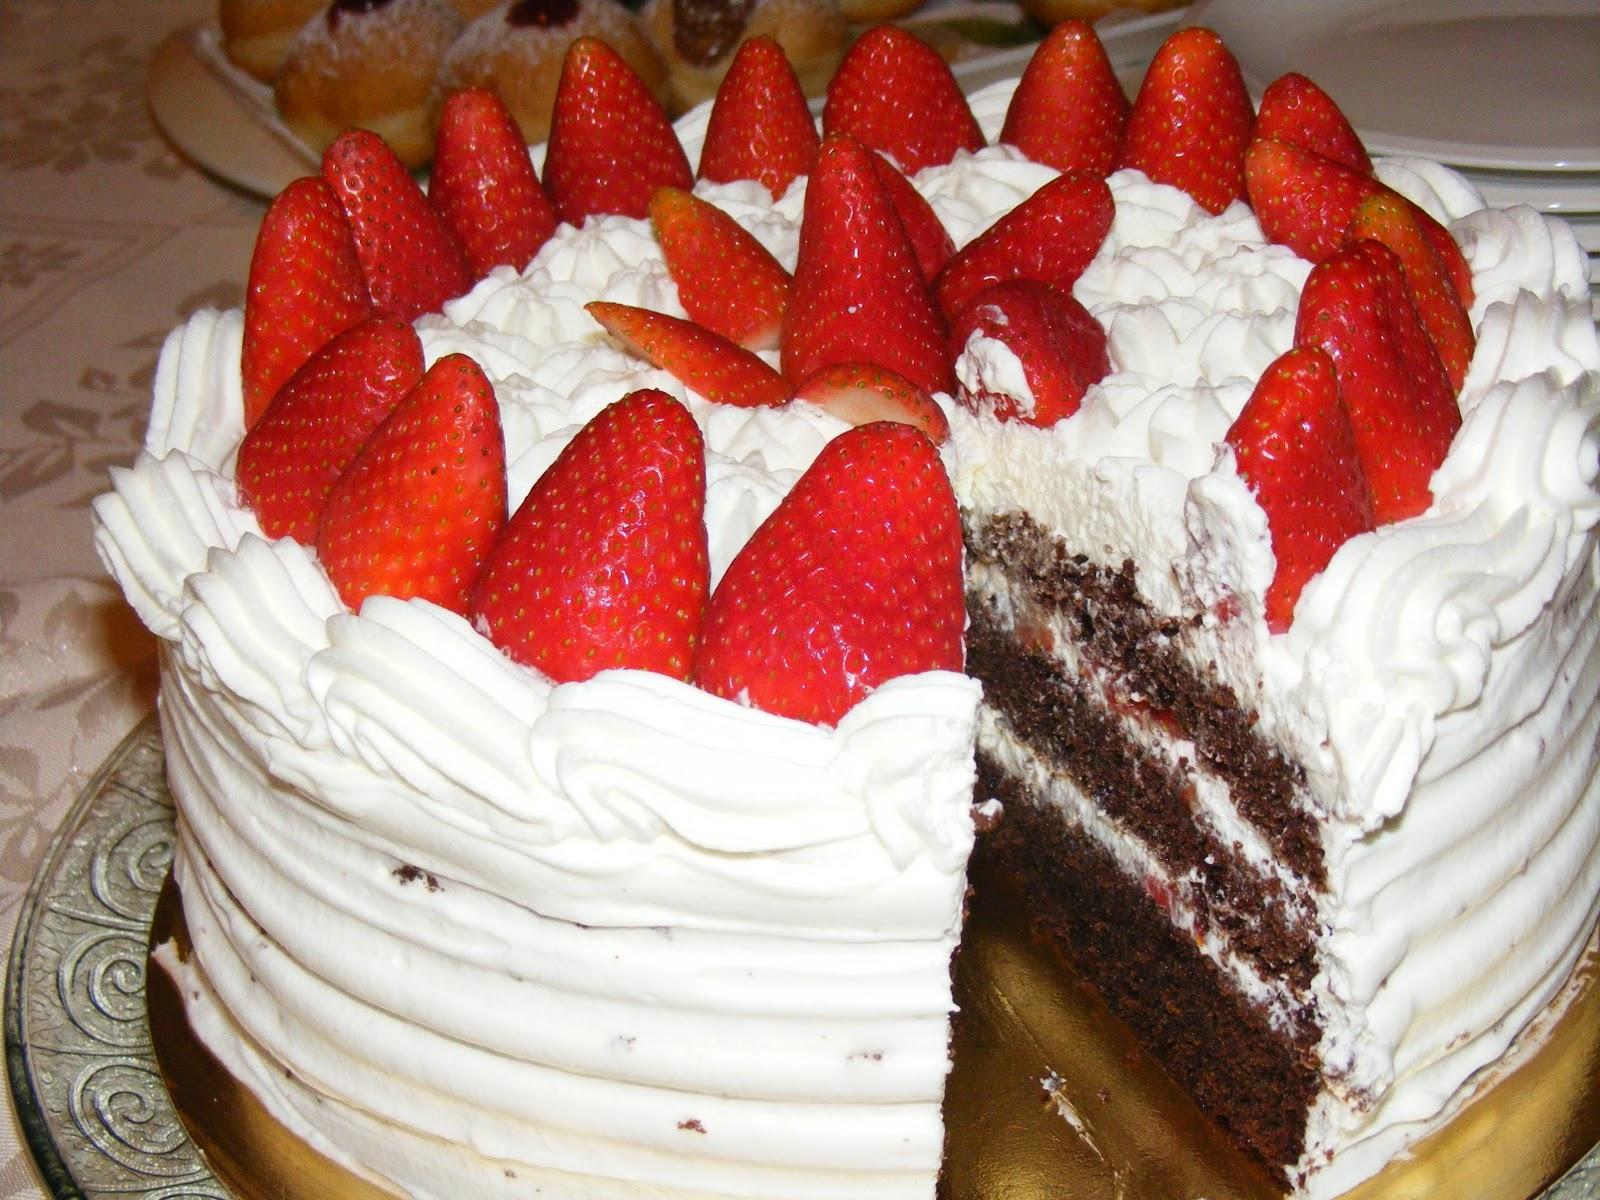 Layer cake fraises chocolat et chantilly au mascarpone1